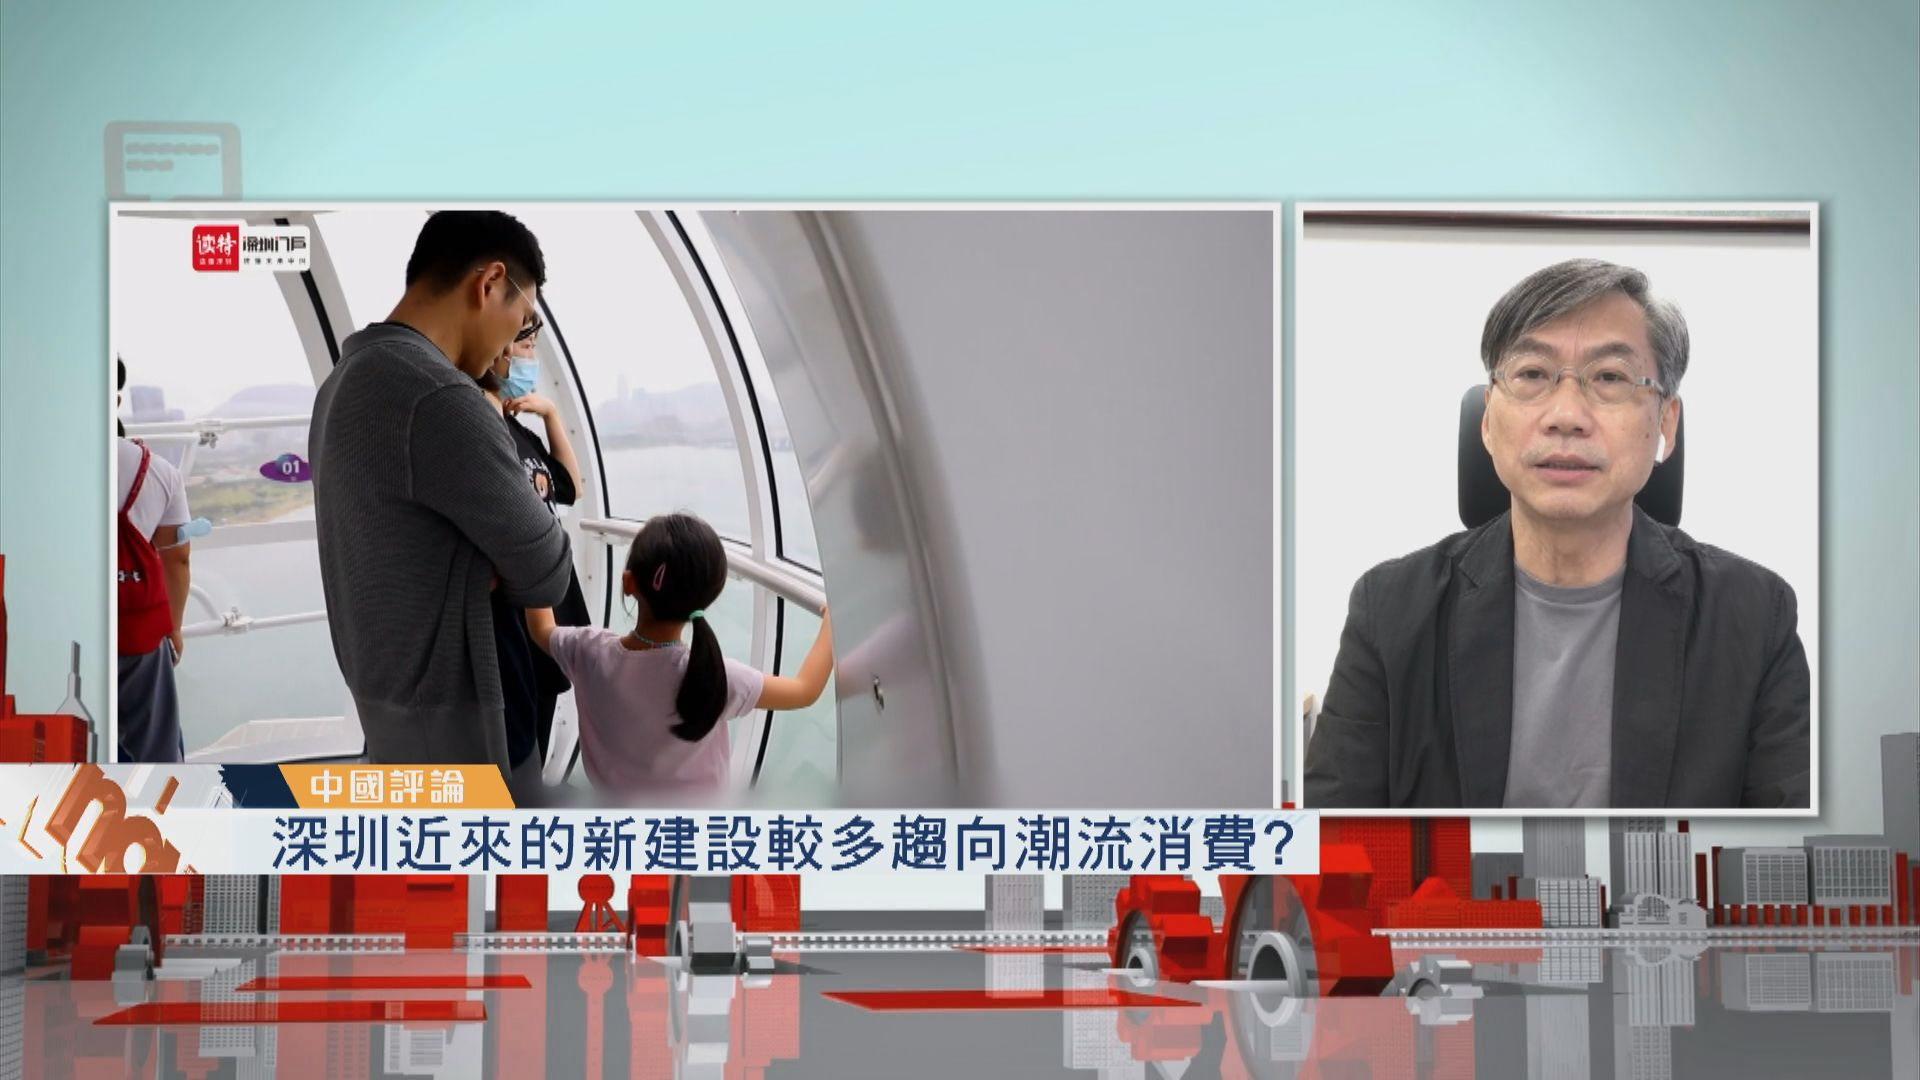 【中國評論】據報深圳全力建設國際消費中心城市